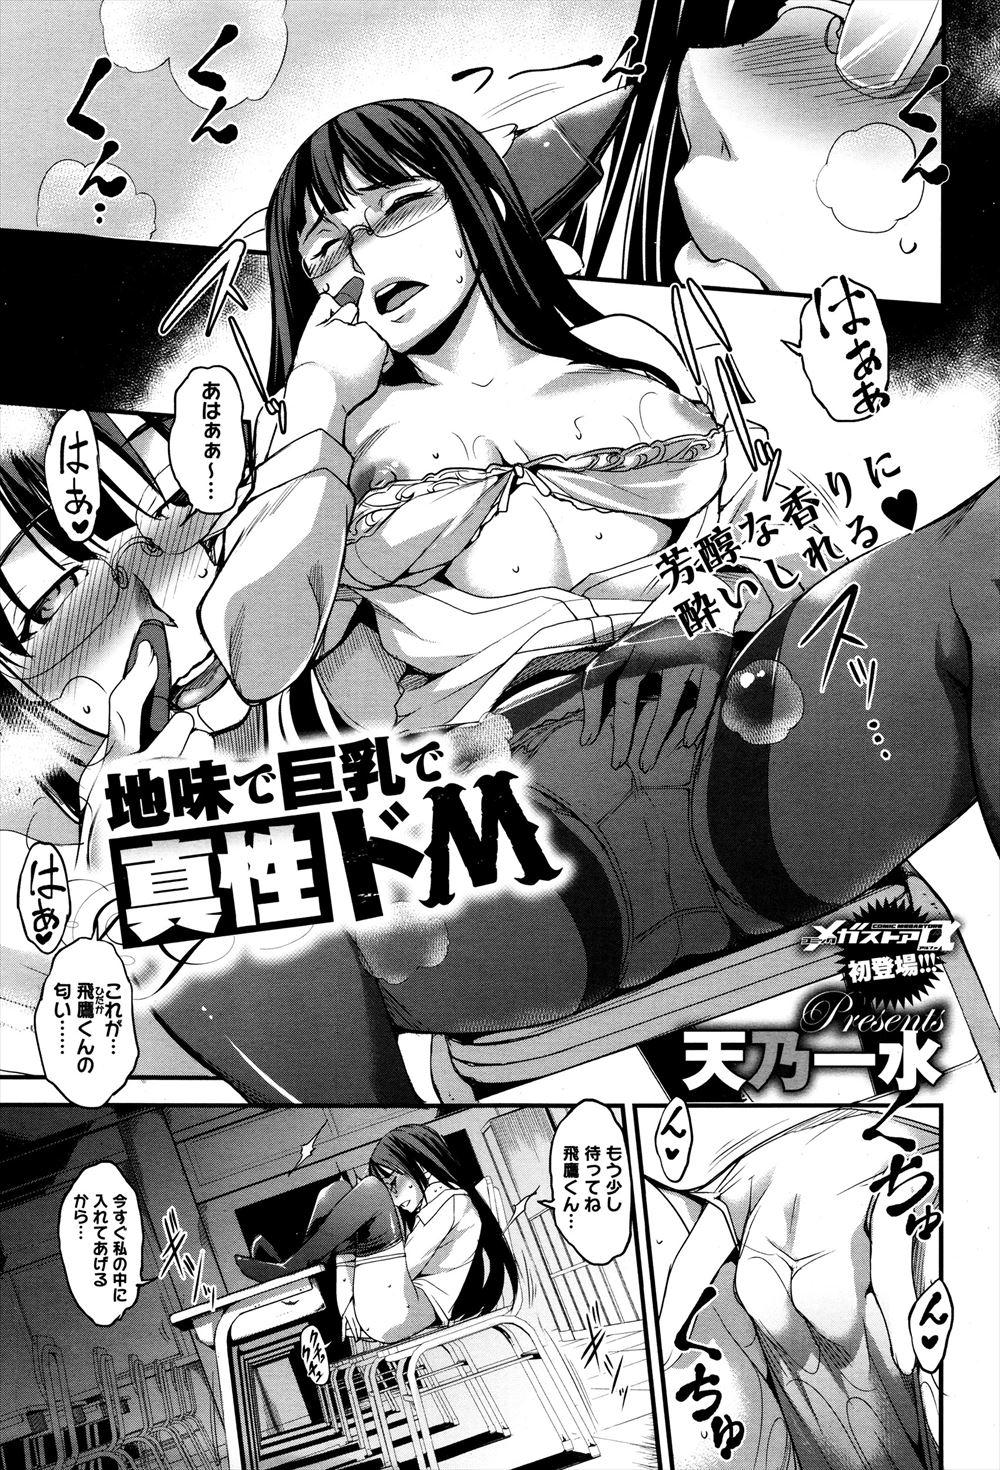 【エロ漫画】真面目だけが取り柄だと思ってた地味娘が実は真性の変態で男の飲みかけのペットボトルでオナニー!